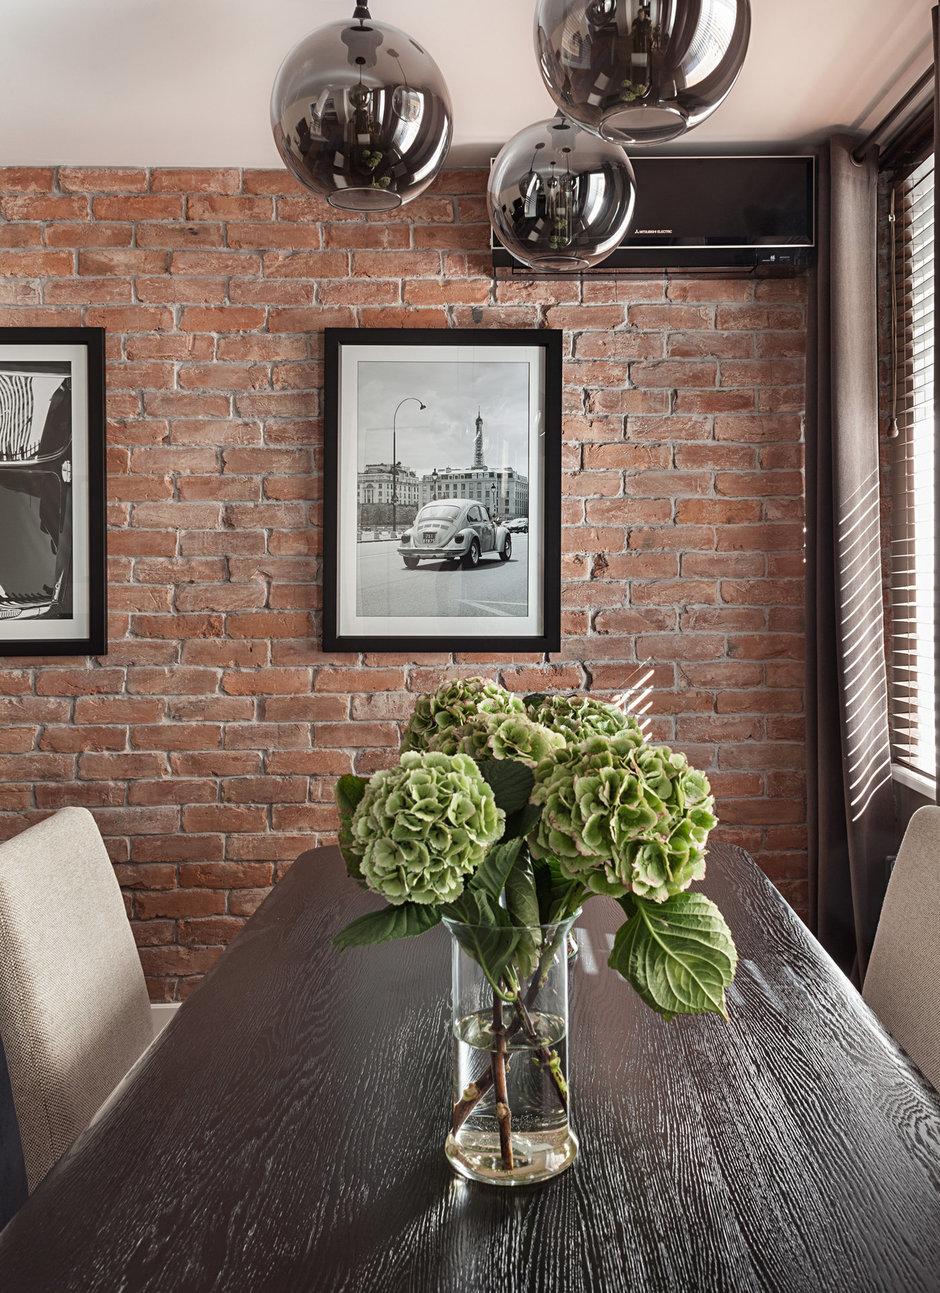 Фотография: Кухня и столовая в стиле Лофт, Современный, Эклектика, Классический, Квартира, Дома и квартиры, IKEA, Проект недели, Дина Салахова – фото на InMyRoom.ru